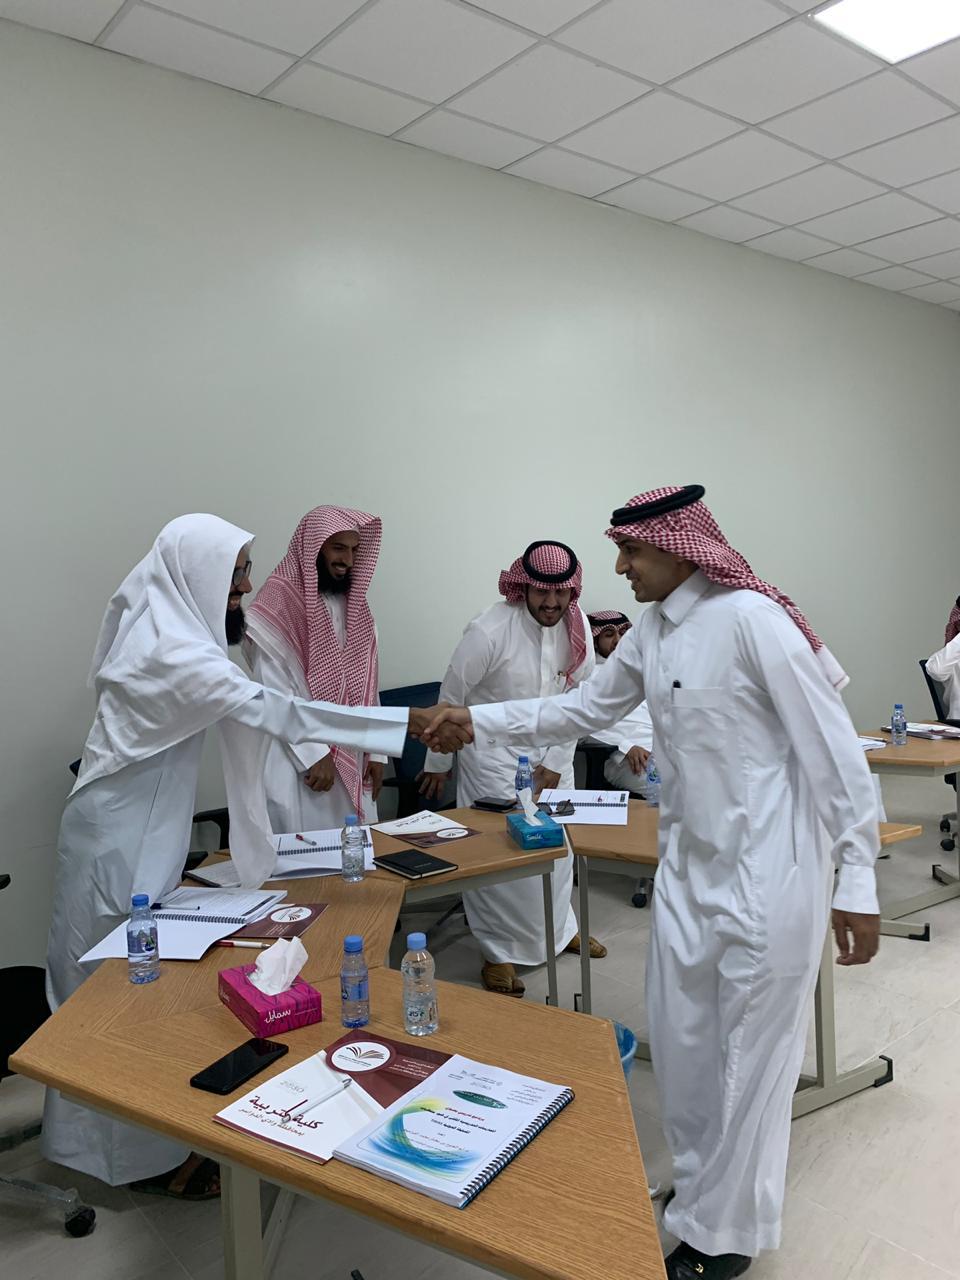 كلية التربية بوادي الدواسر تشارك في إقامة برامج تدريبية صيفية للمعلمين بالتعاون مع المركز الوطني للتطوير المهني التعليمي